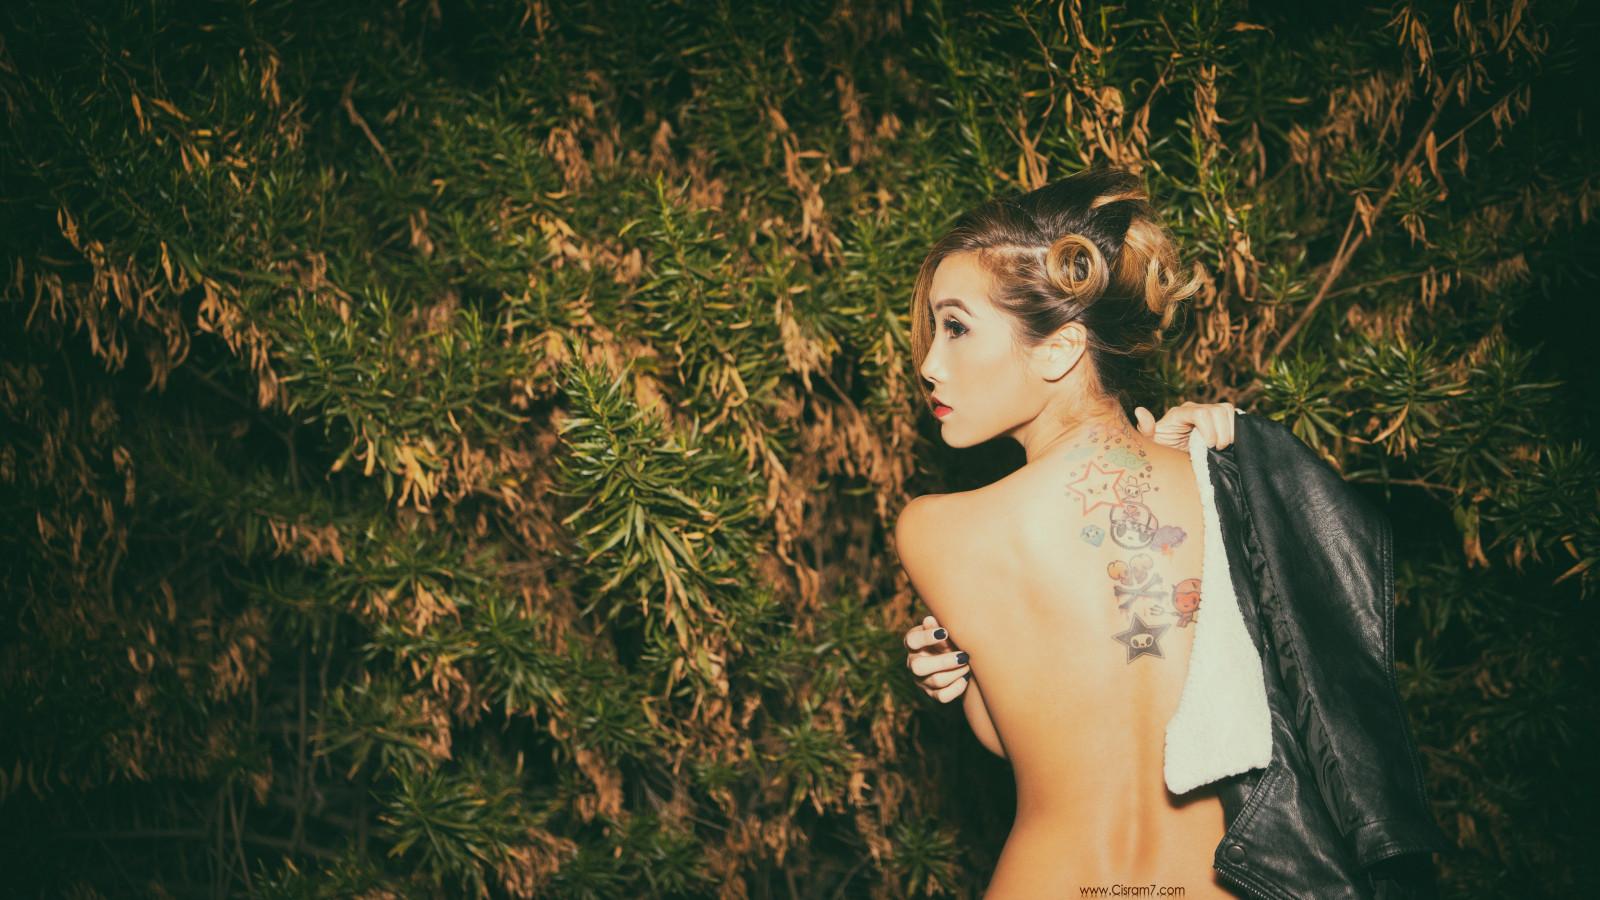 Topless naken flicka